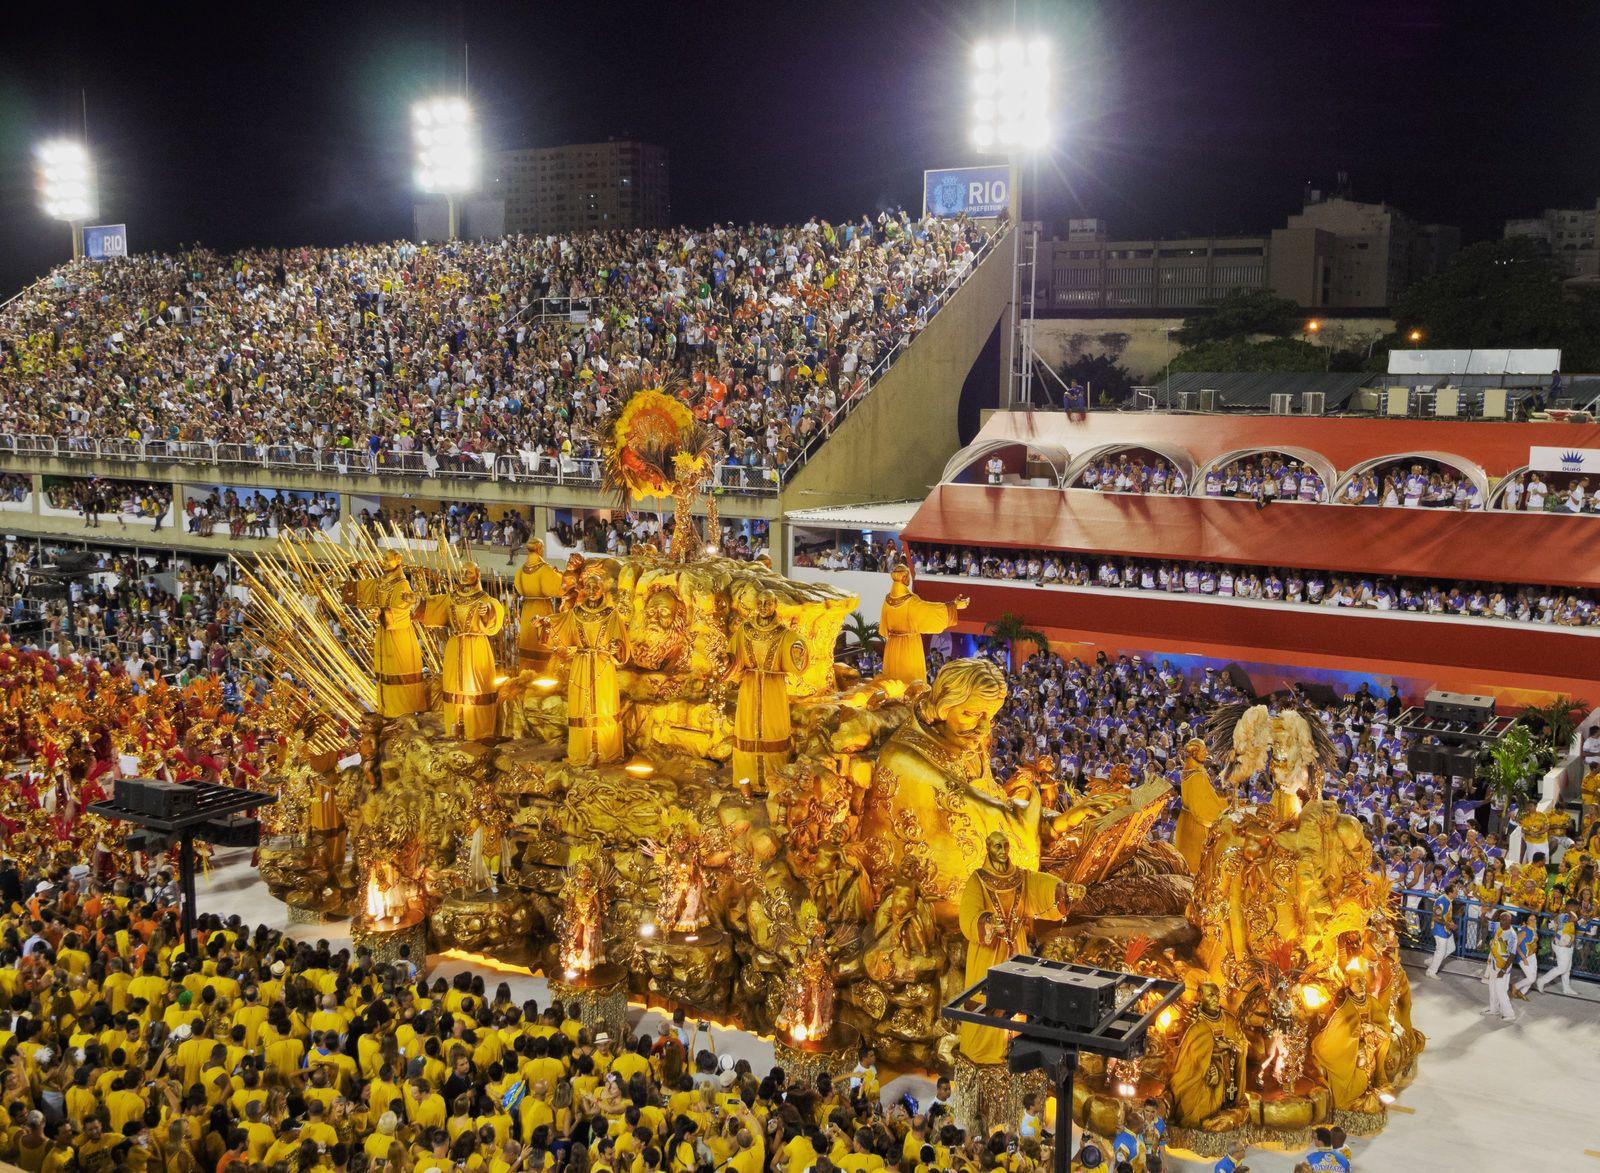 Masopustní průvod v The Sambadrome Marques de Sapucai v Rio de Janeiro | charles03/123RF.com